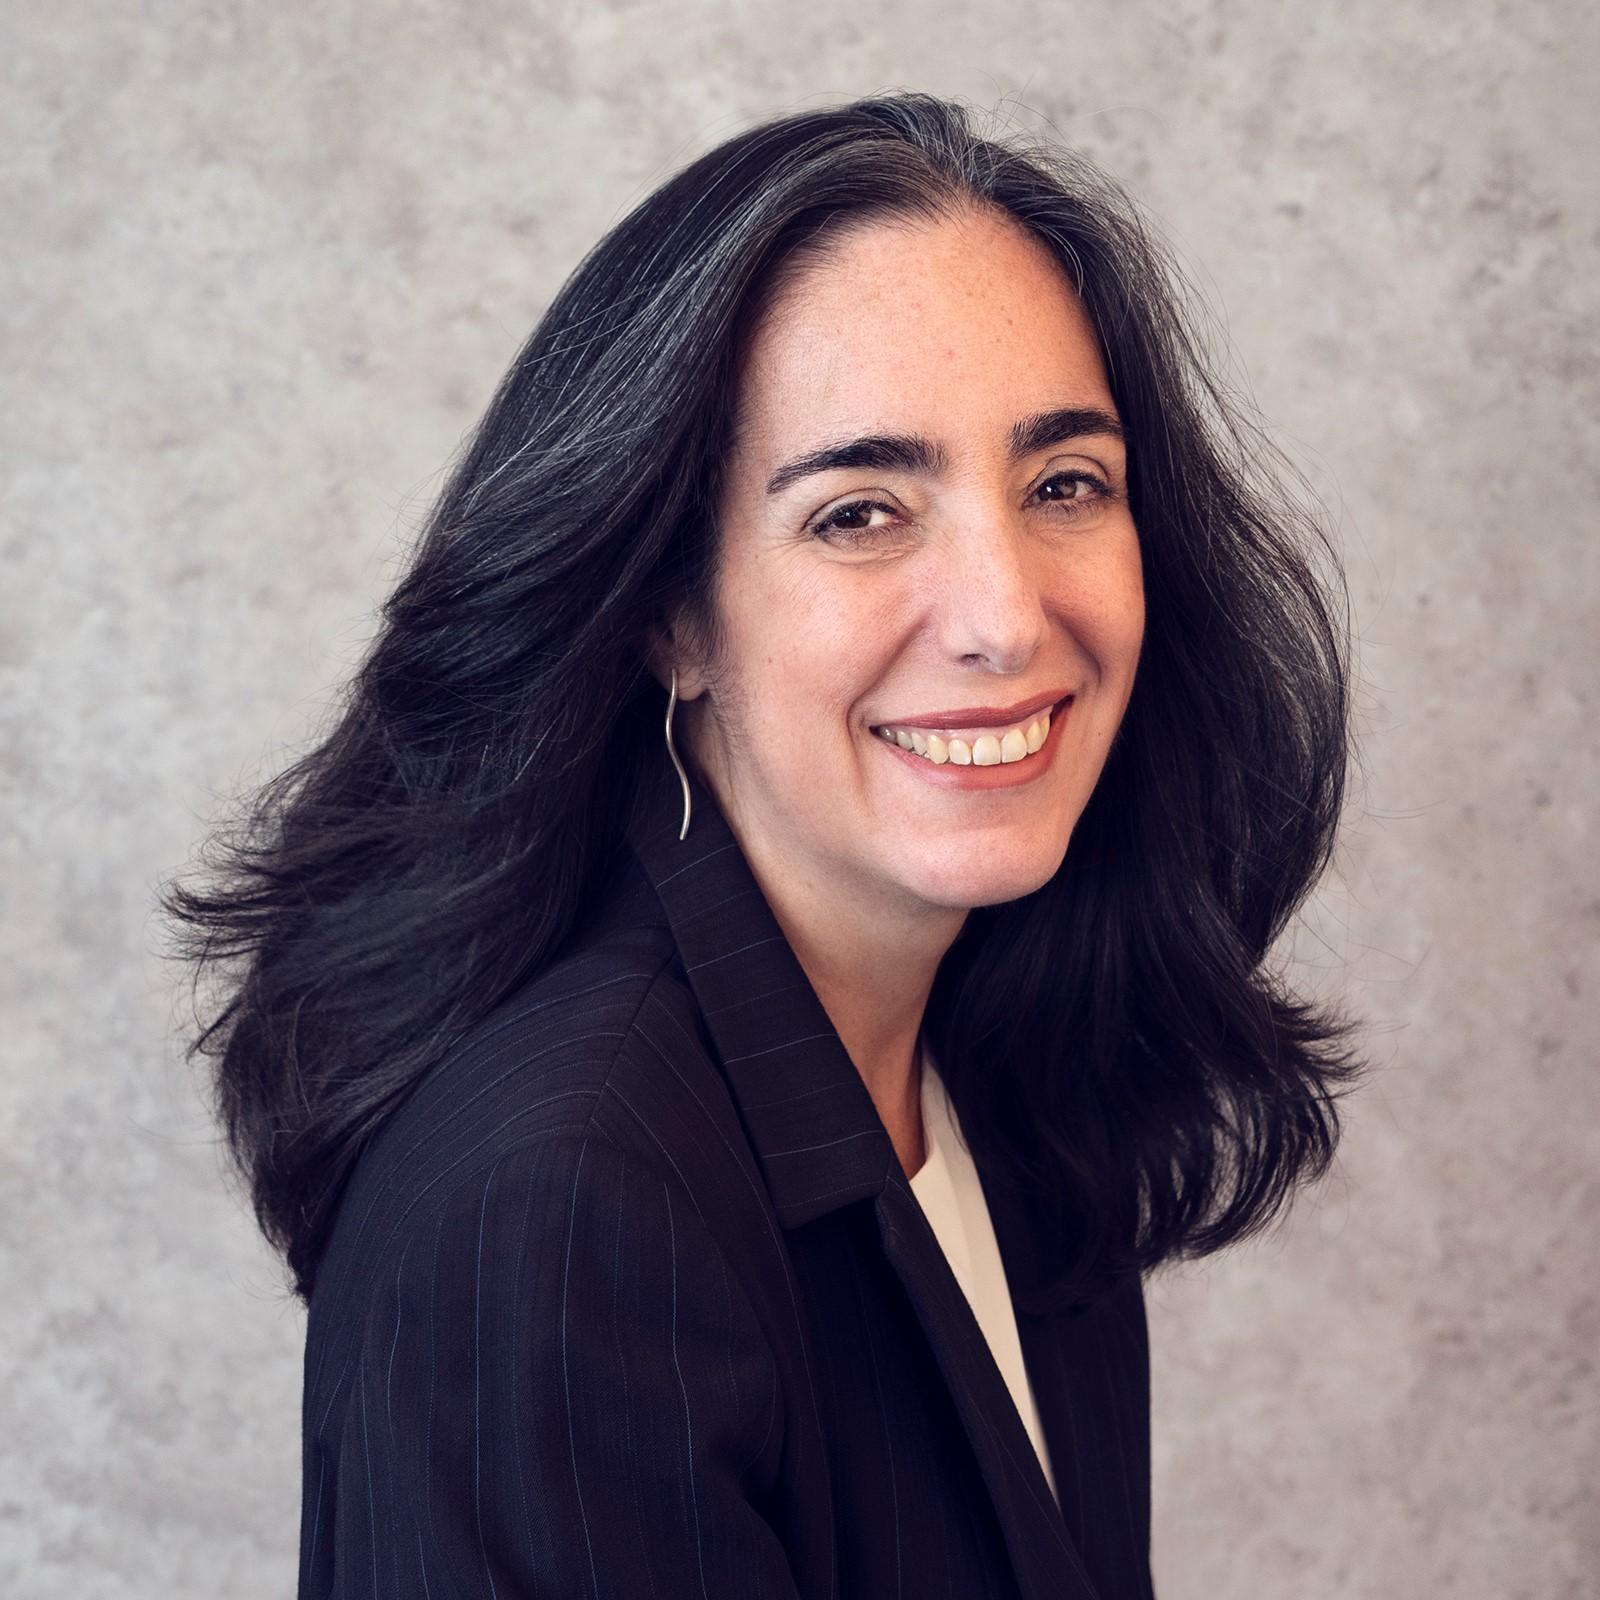 Tanya Pérez Echeverría